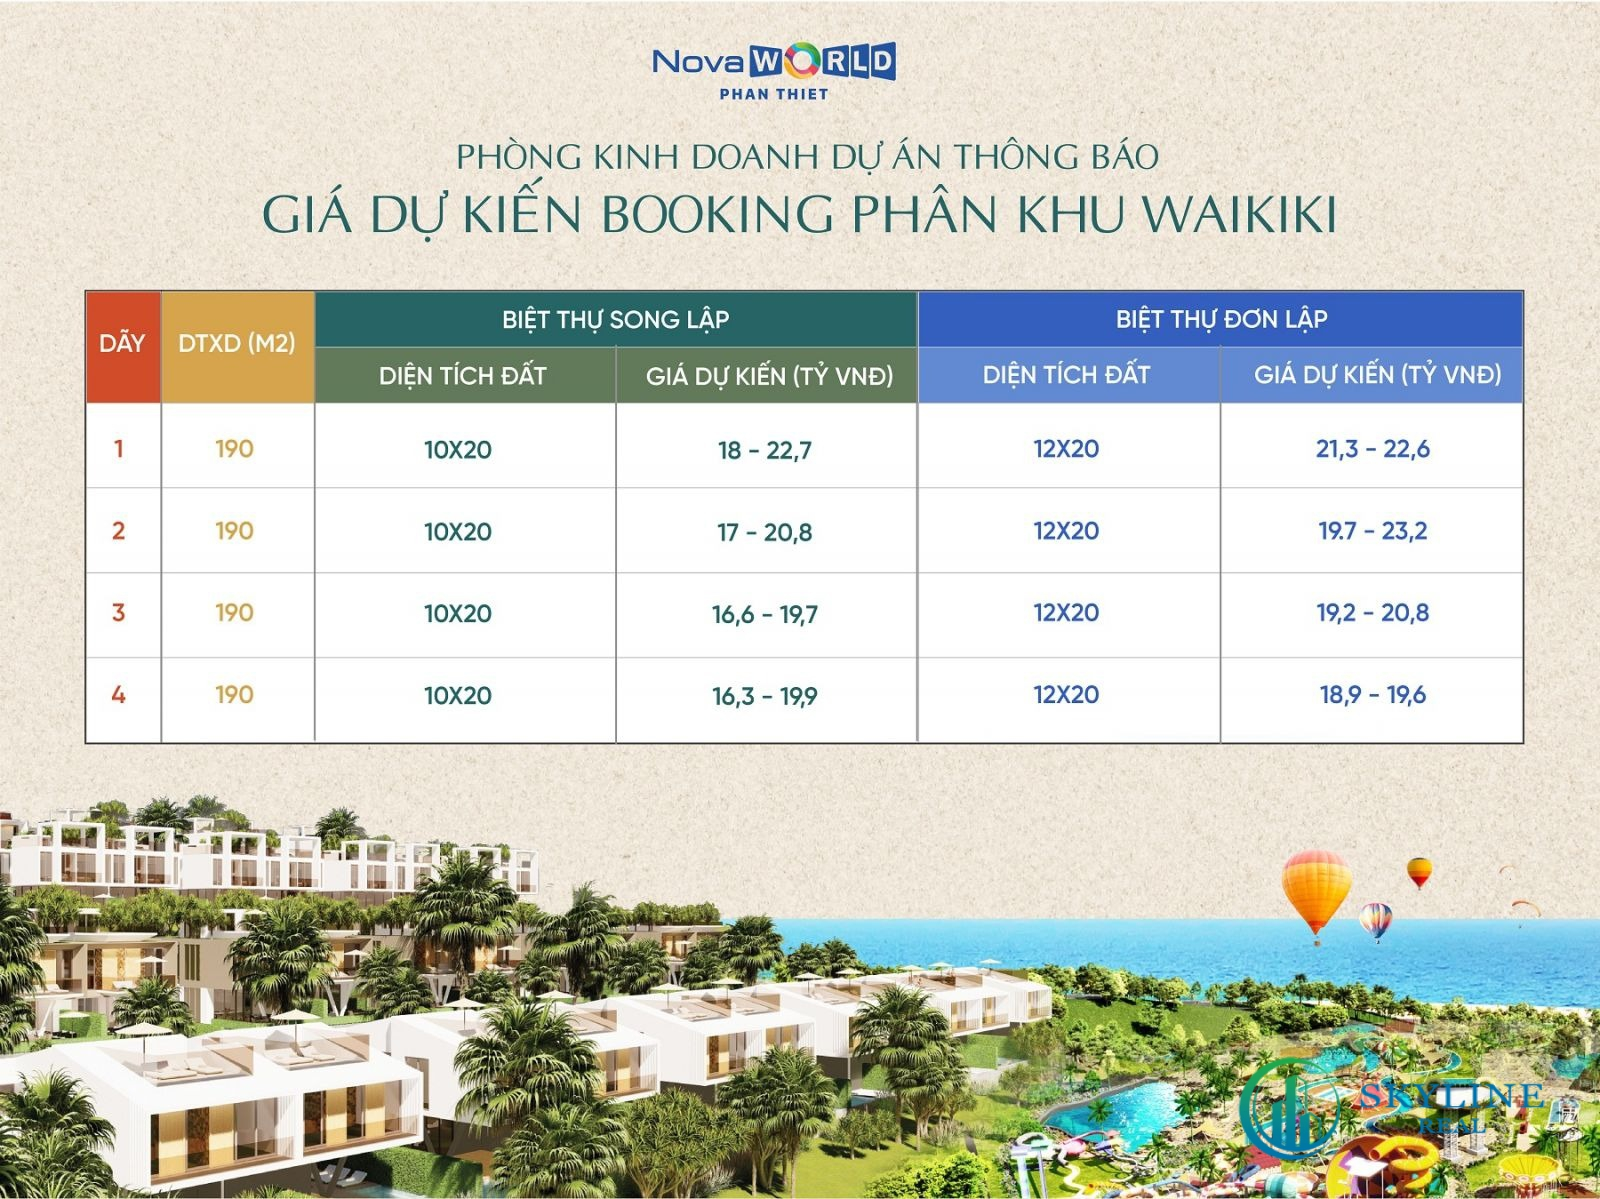 Giá dự kiến booking phân khu Waikiki